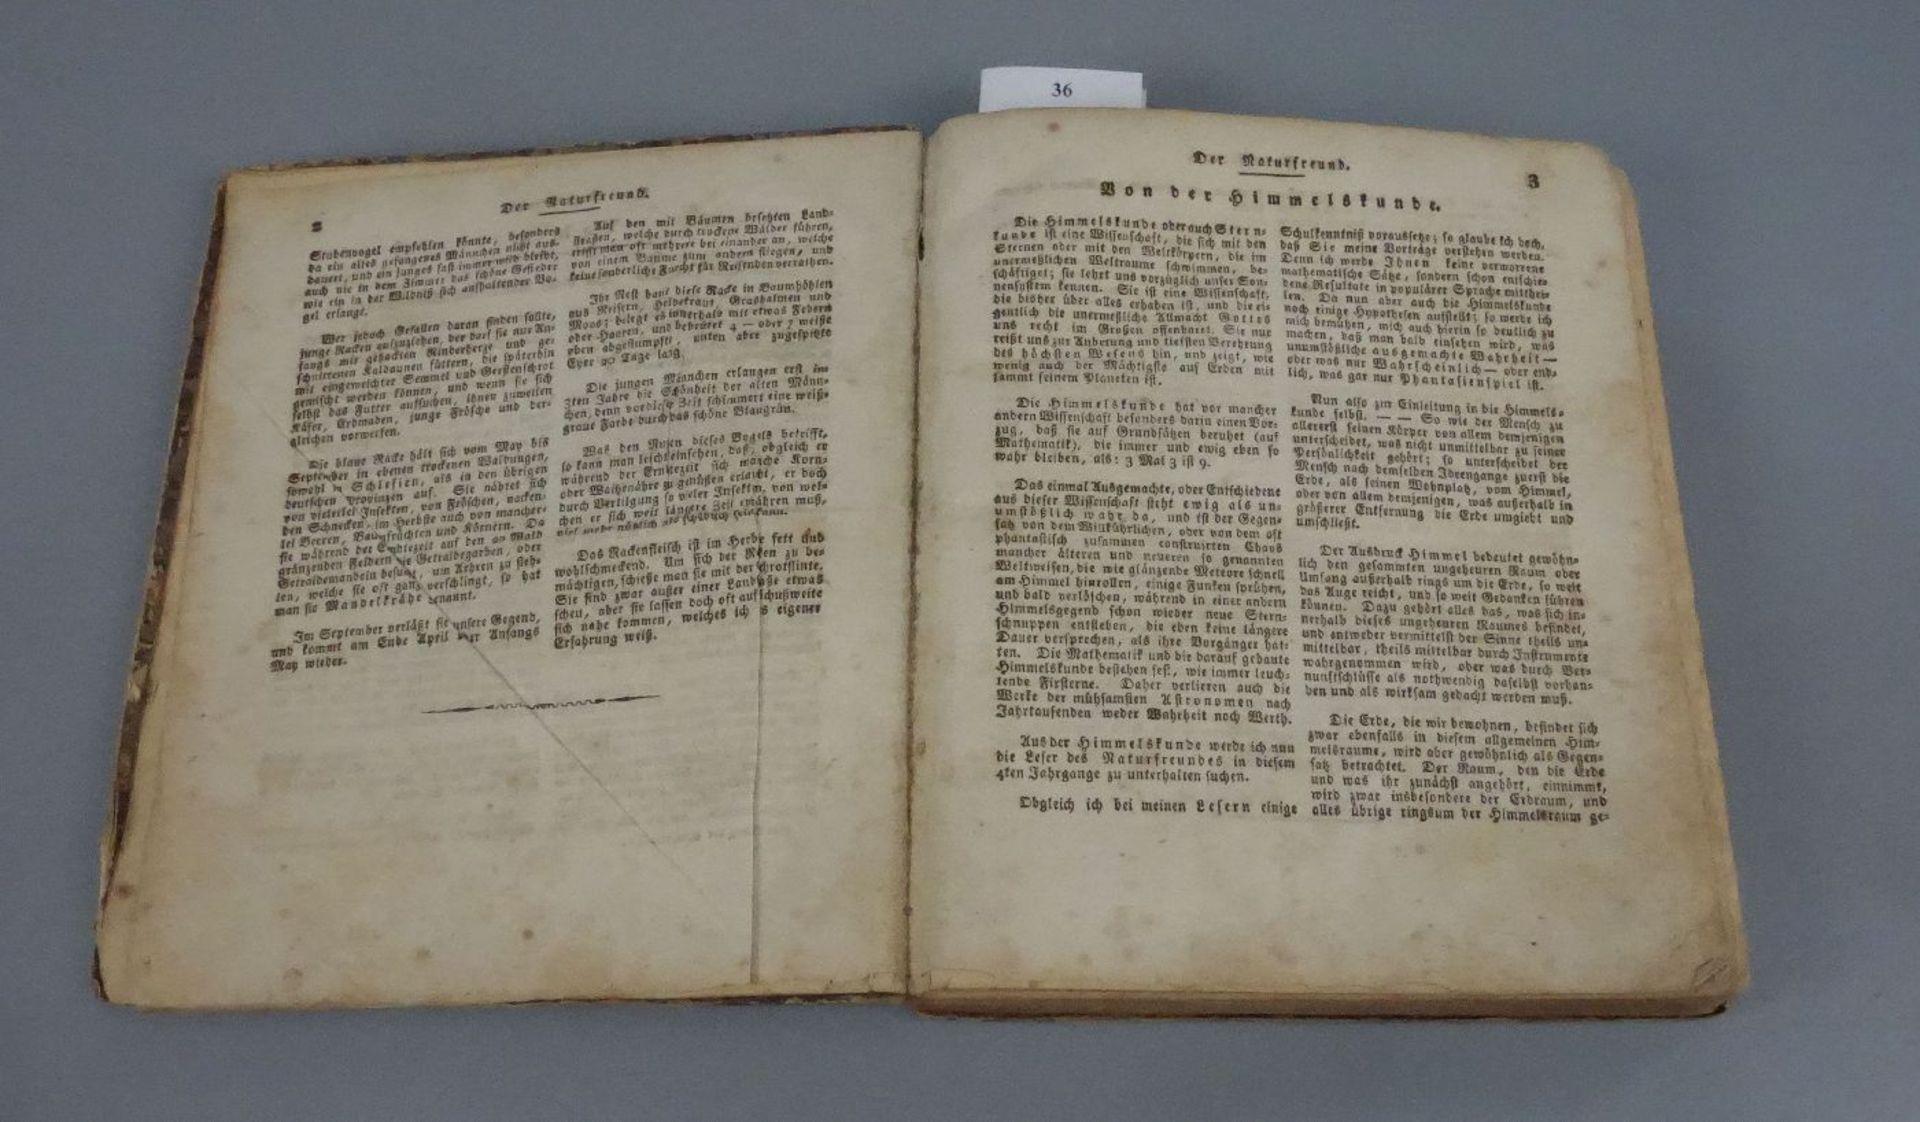 """BUCH VON 1812: """"DER NATURFREUND ODER BEITRÄGE ZUR SCHLESISCHEN NATURGESCHICHTE"""" - Image 2 of 3"""